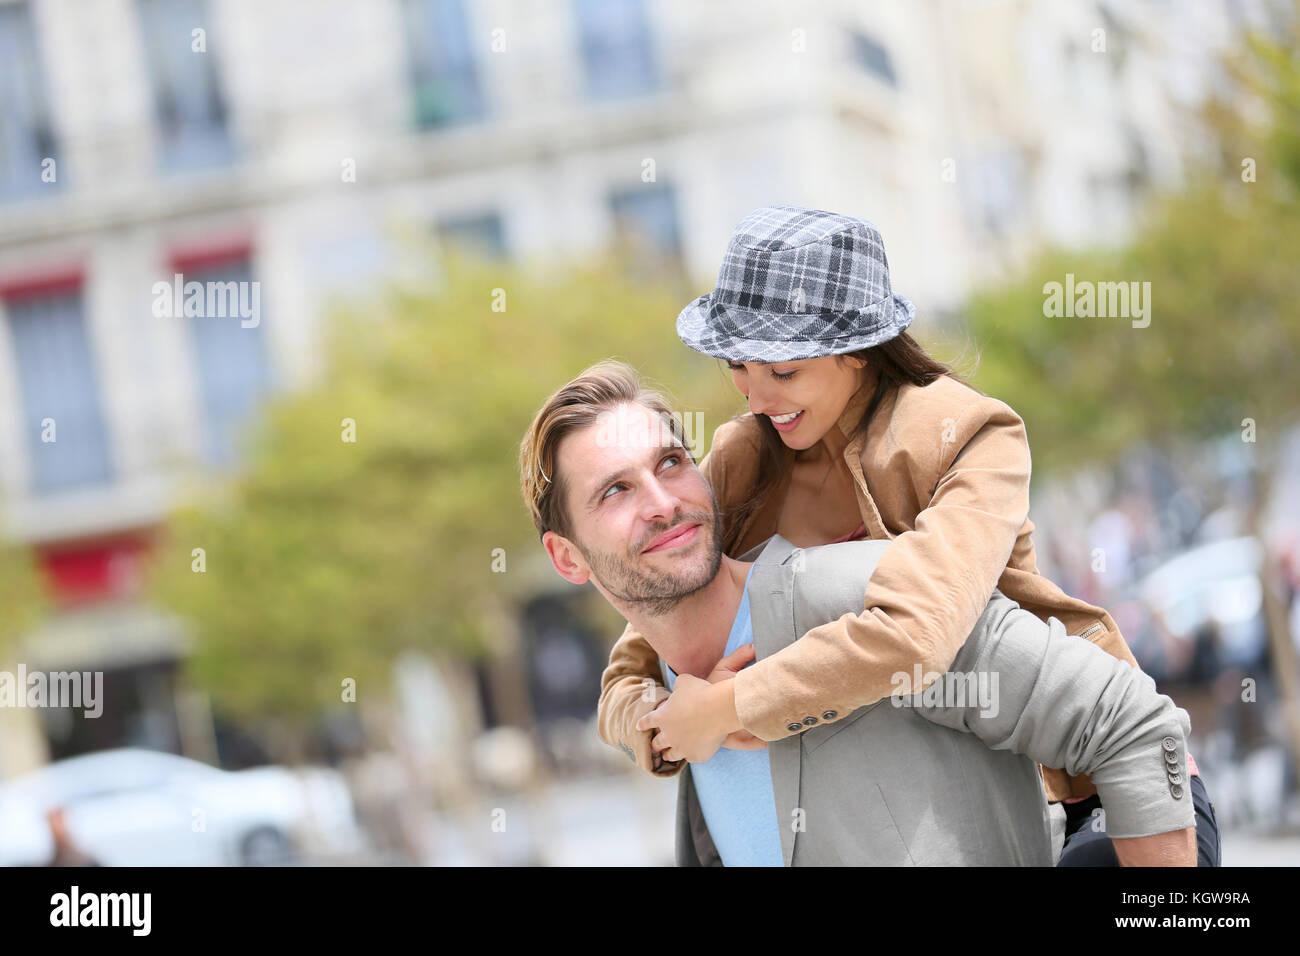 Giovane uomo dando piggyback ride per ragazza in città Immagini Stock